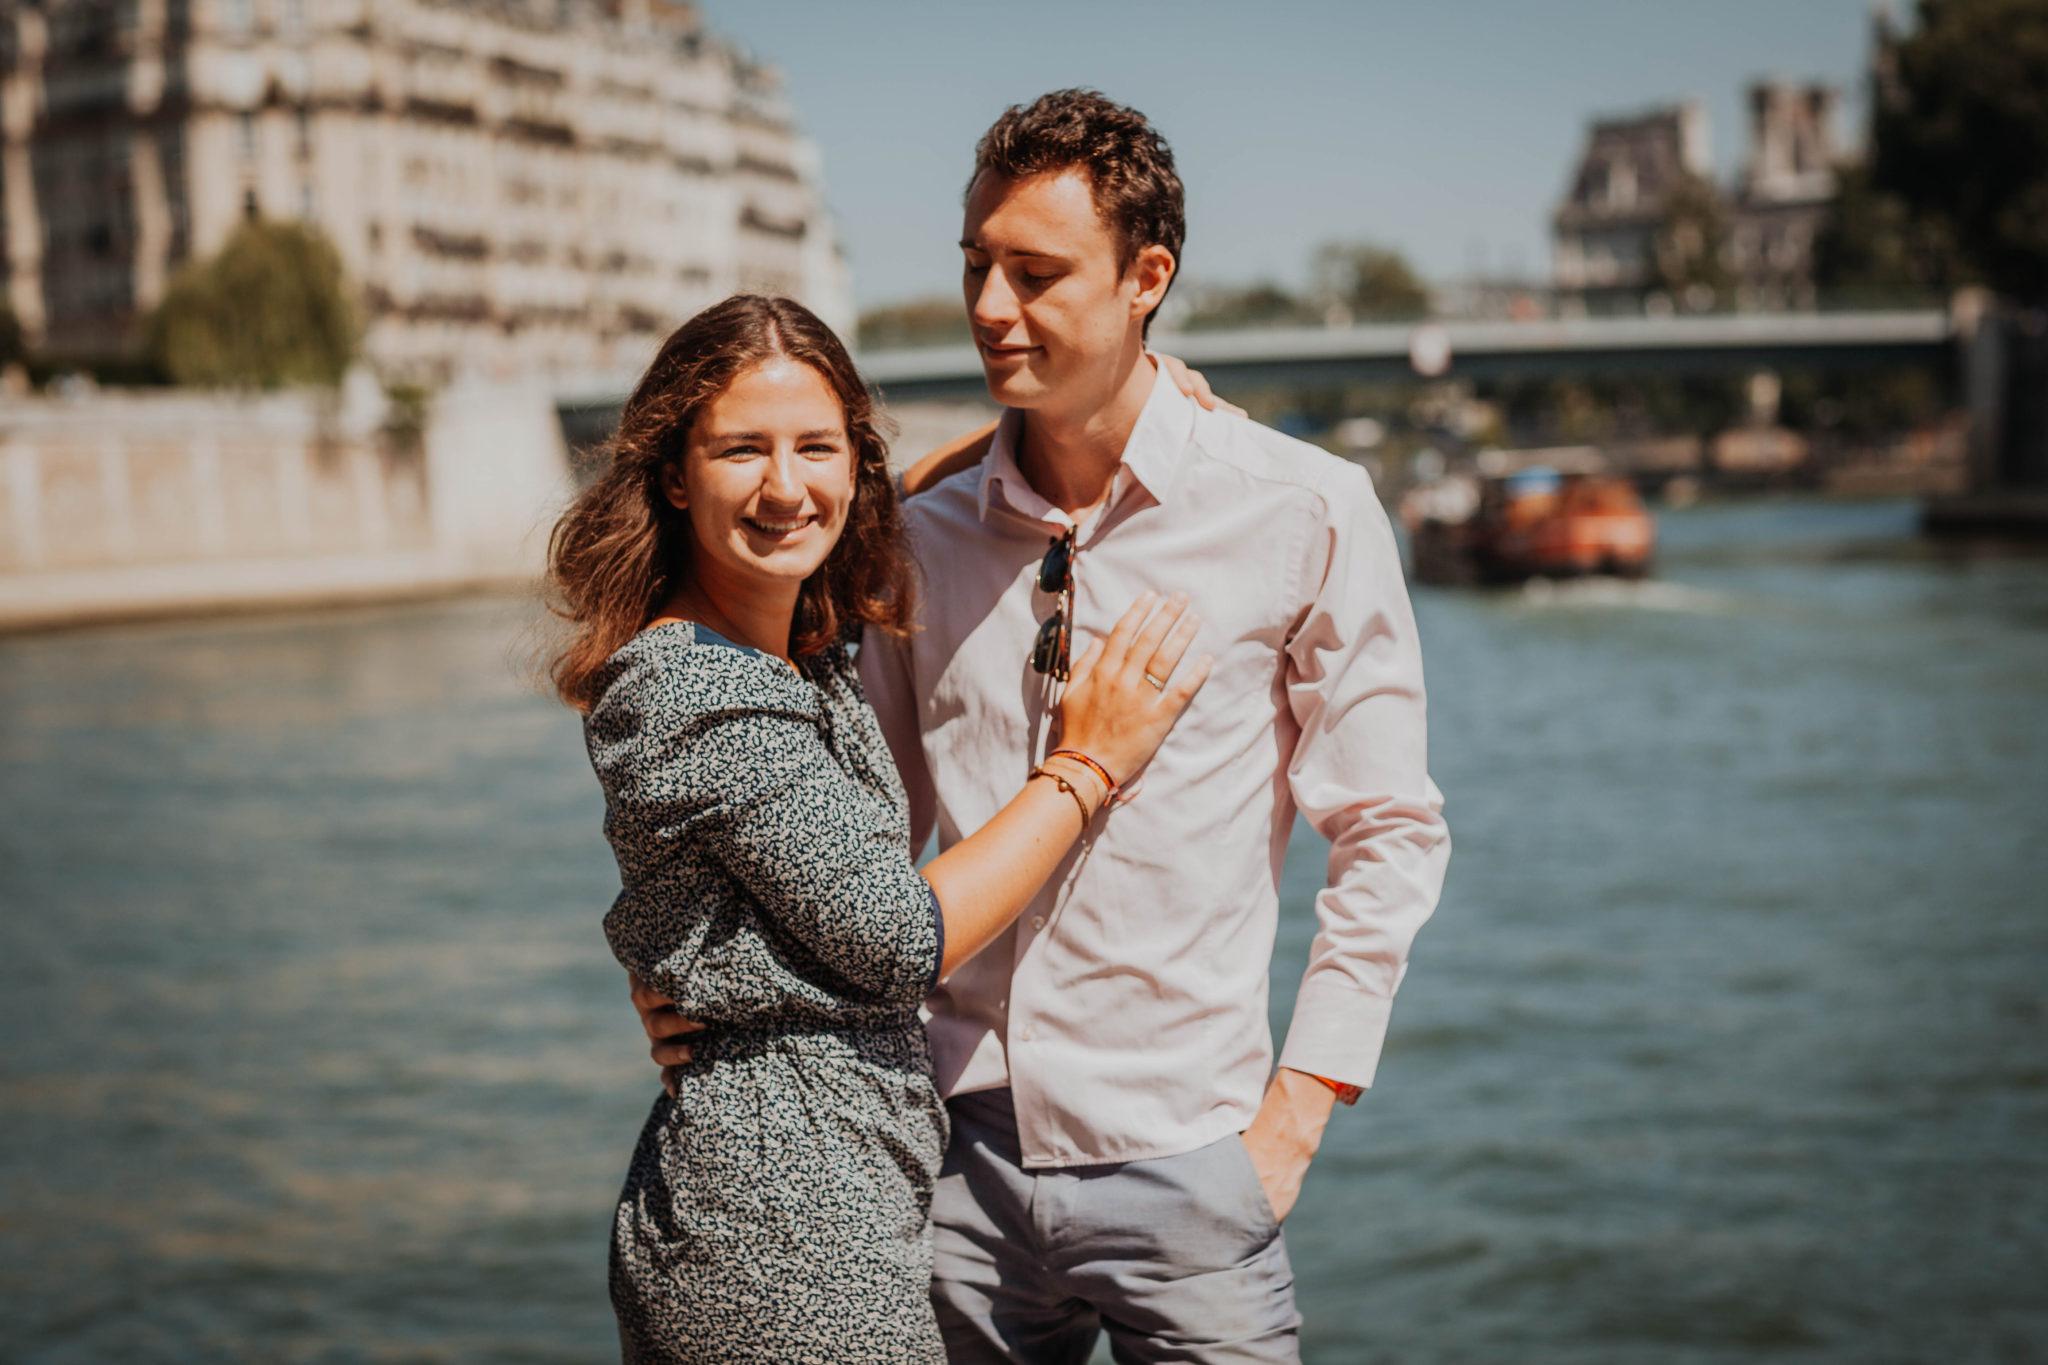 Elsa Couteiller Photographie - elsamichellelaurablanche.com - séance photos lifestyle Paris - Pont Marie - Pont de Sully - Notre-Dame de Paris - Marie - Florian - amoureux (22)